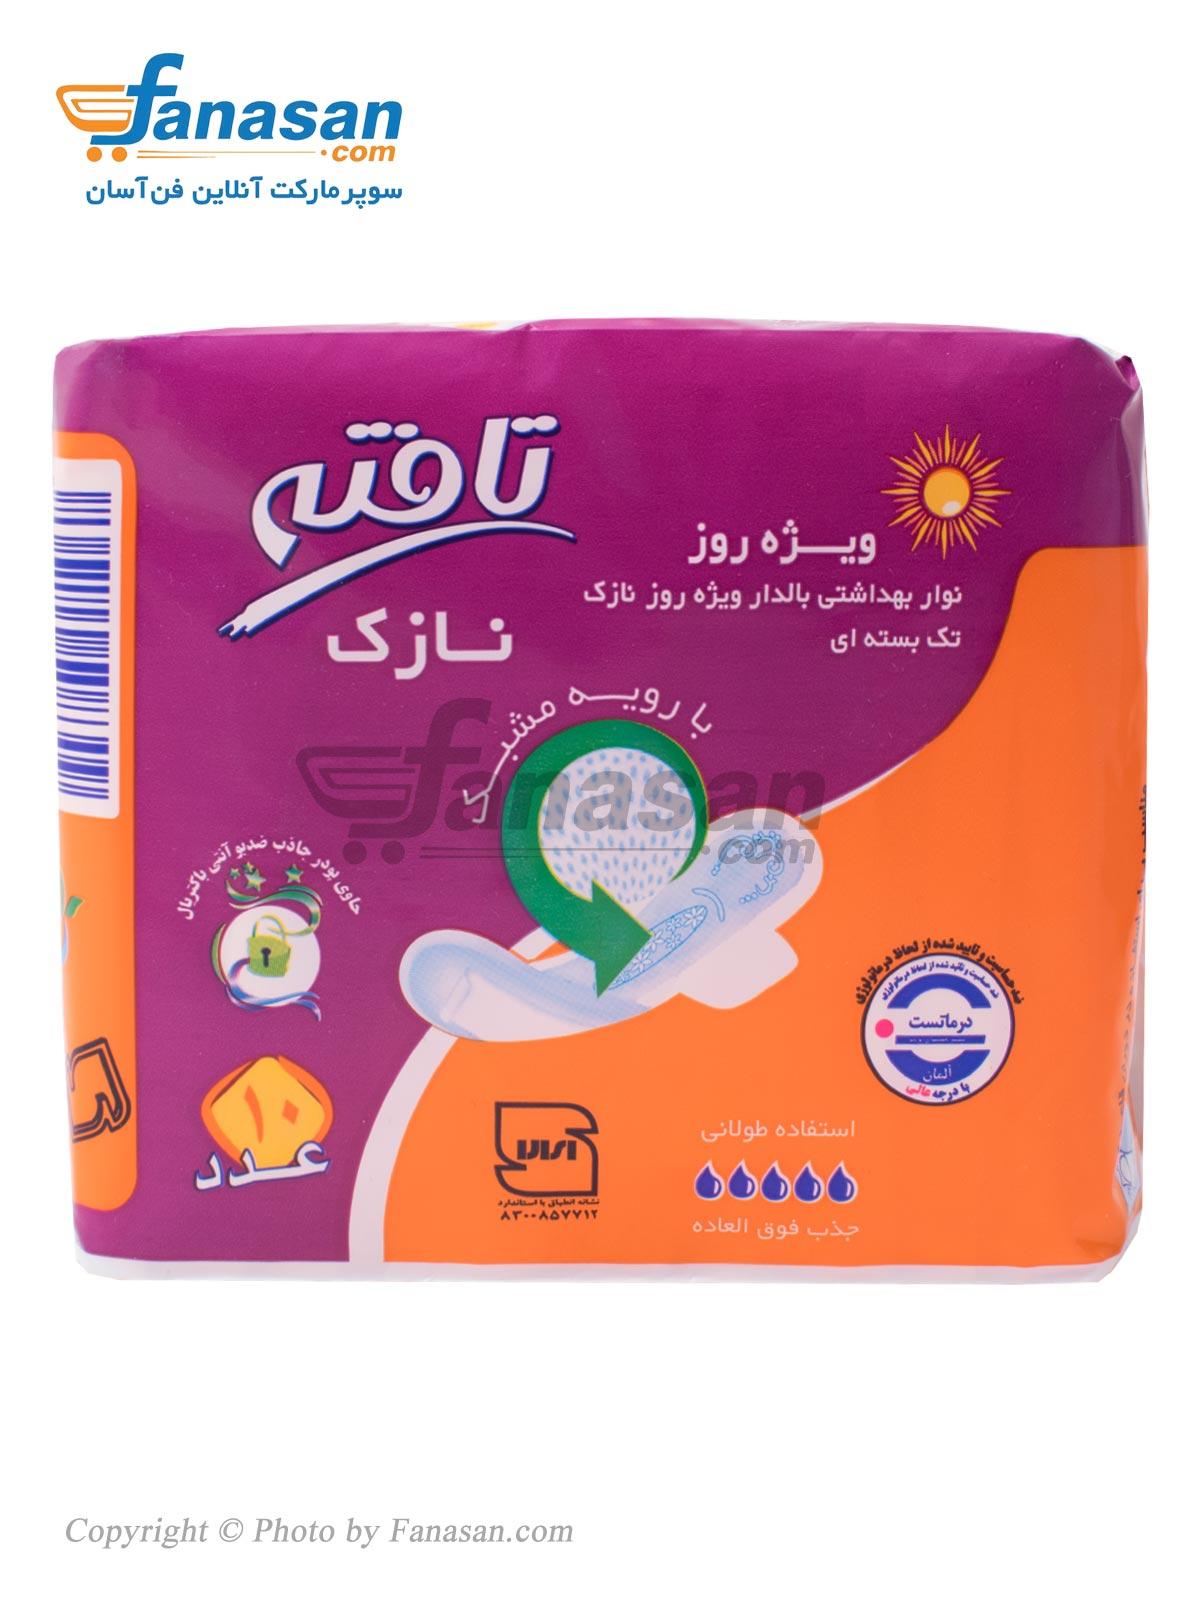 نوار بهداشتی بالدار تافته ویژه روز نازک با رویه مشبک 10 عددی